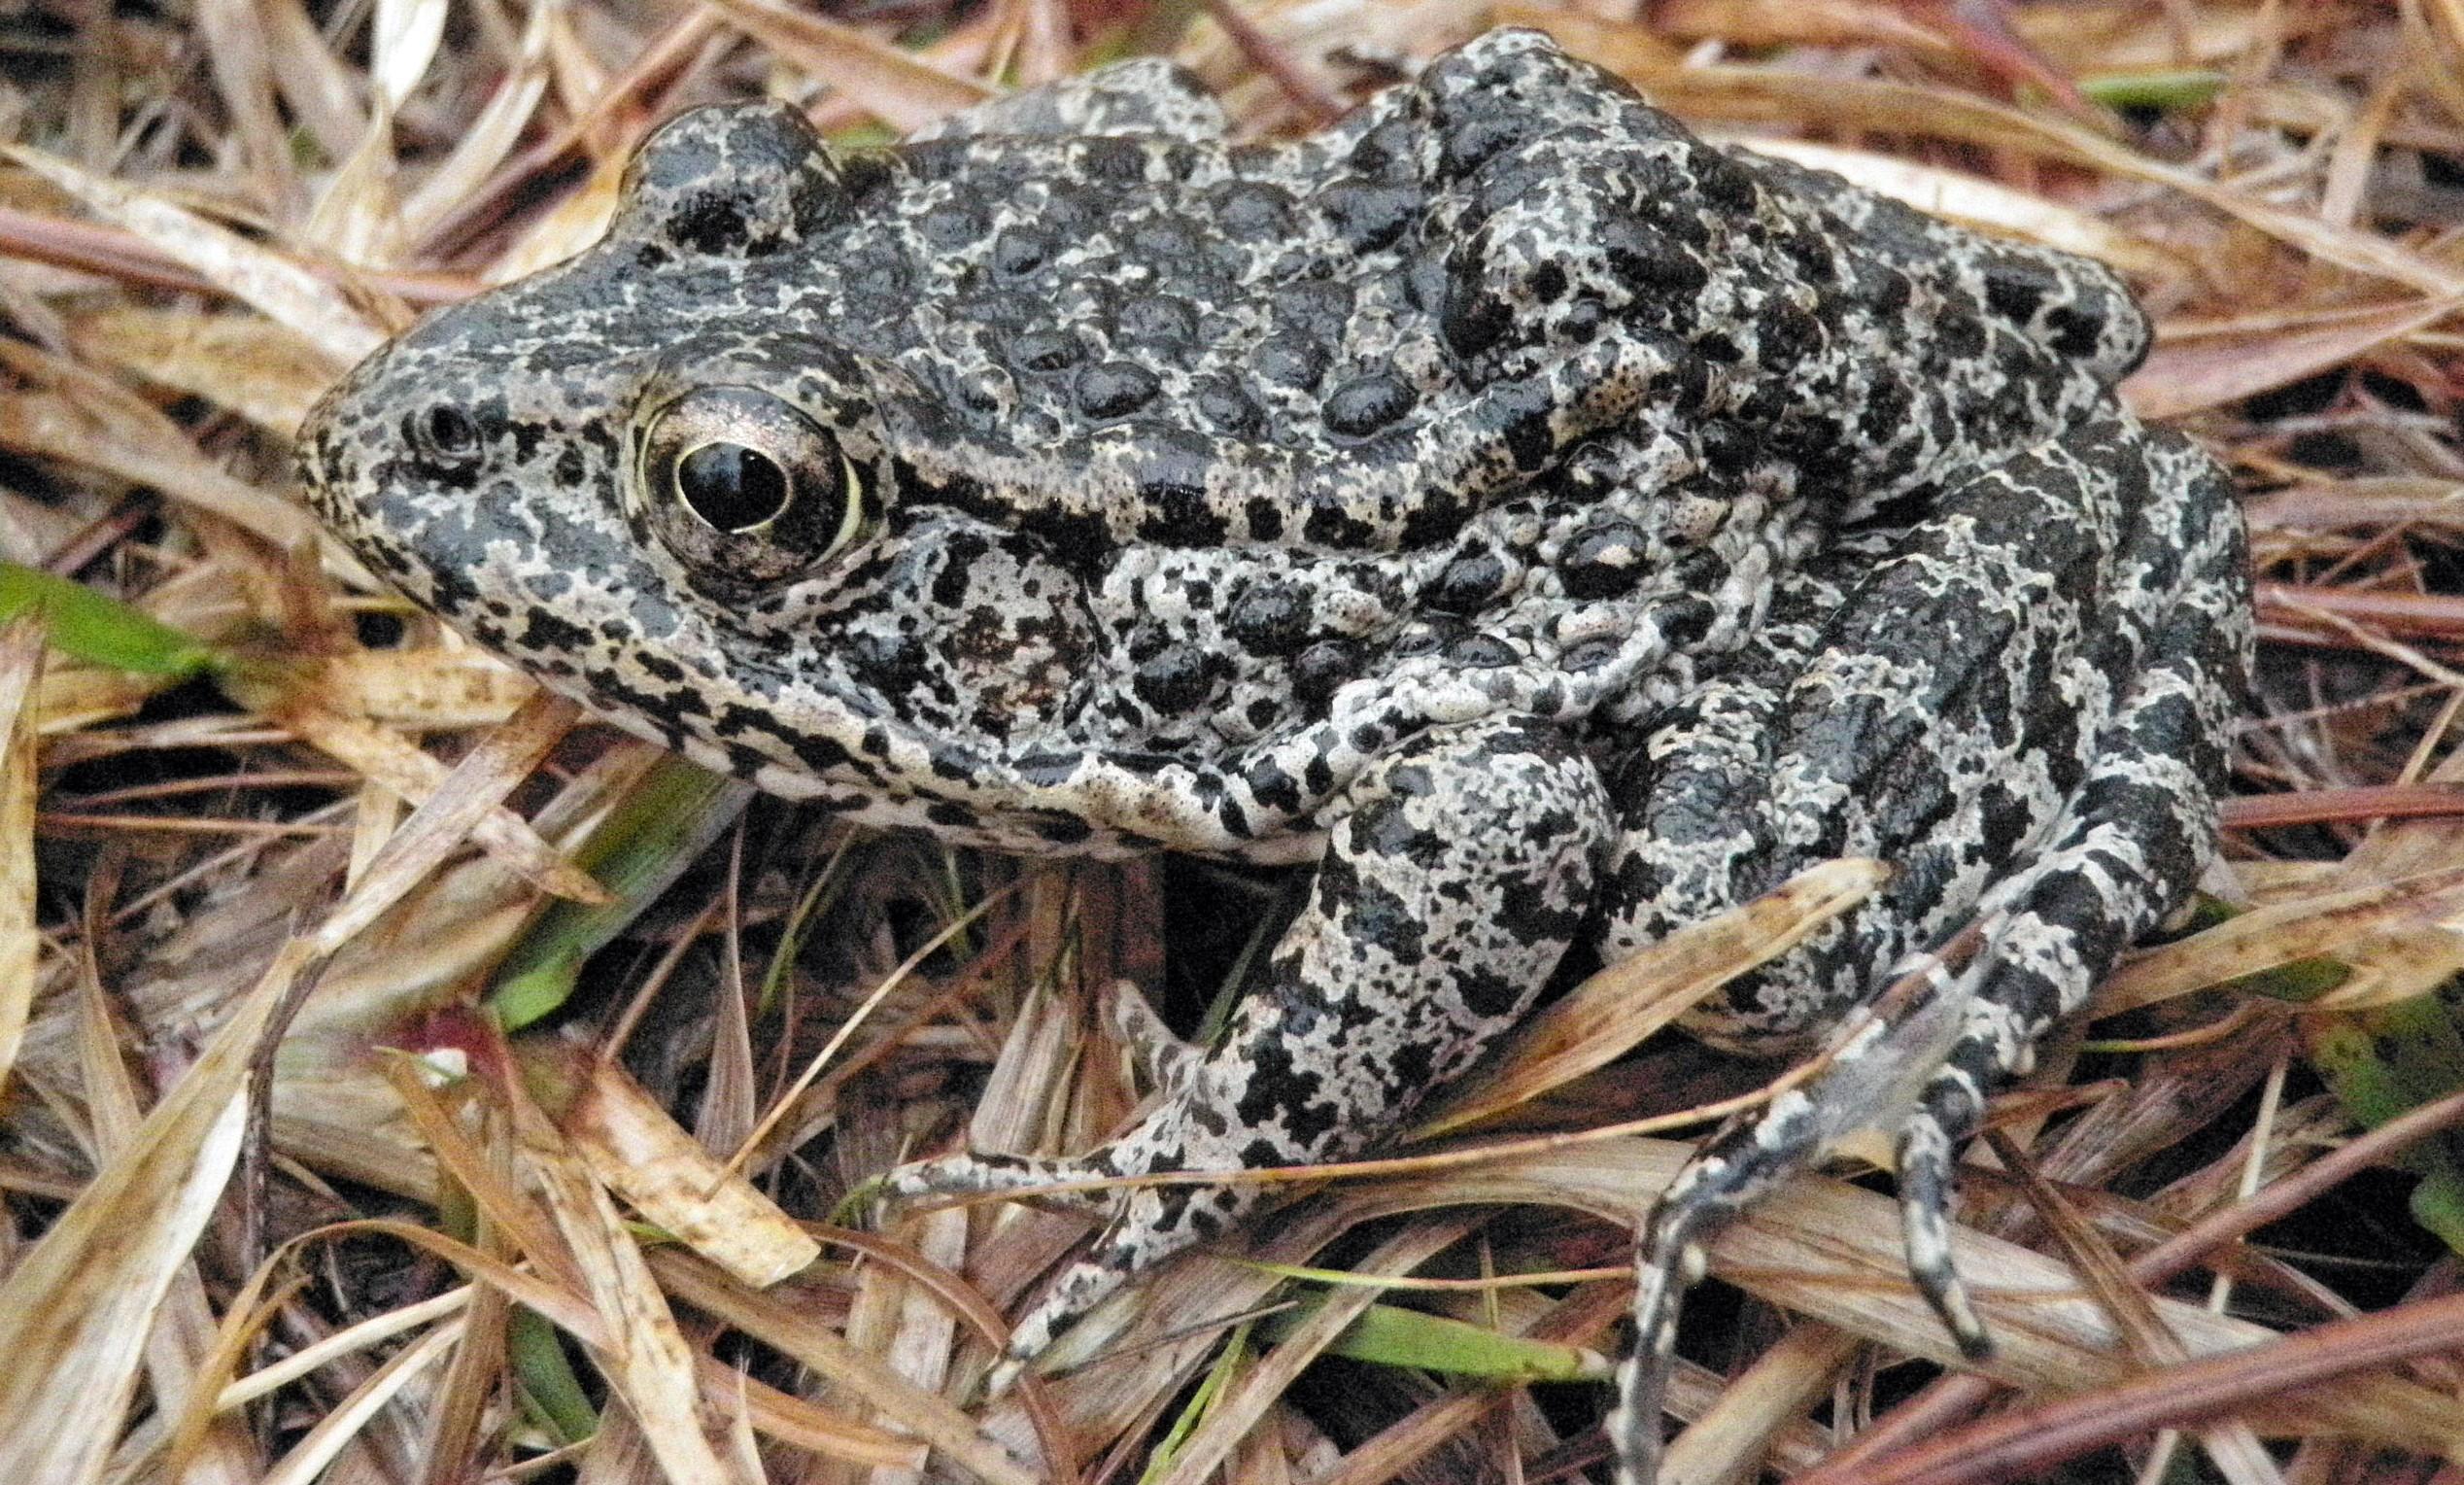 Supreme Court sends endangered frog case back to lower court